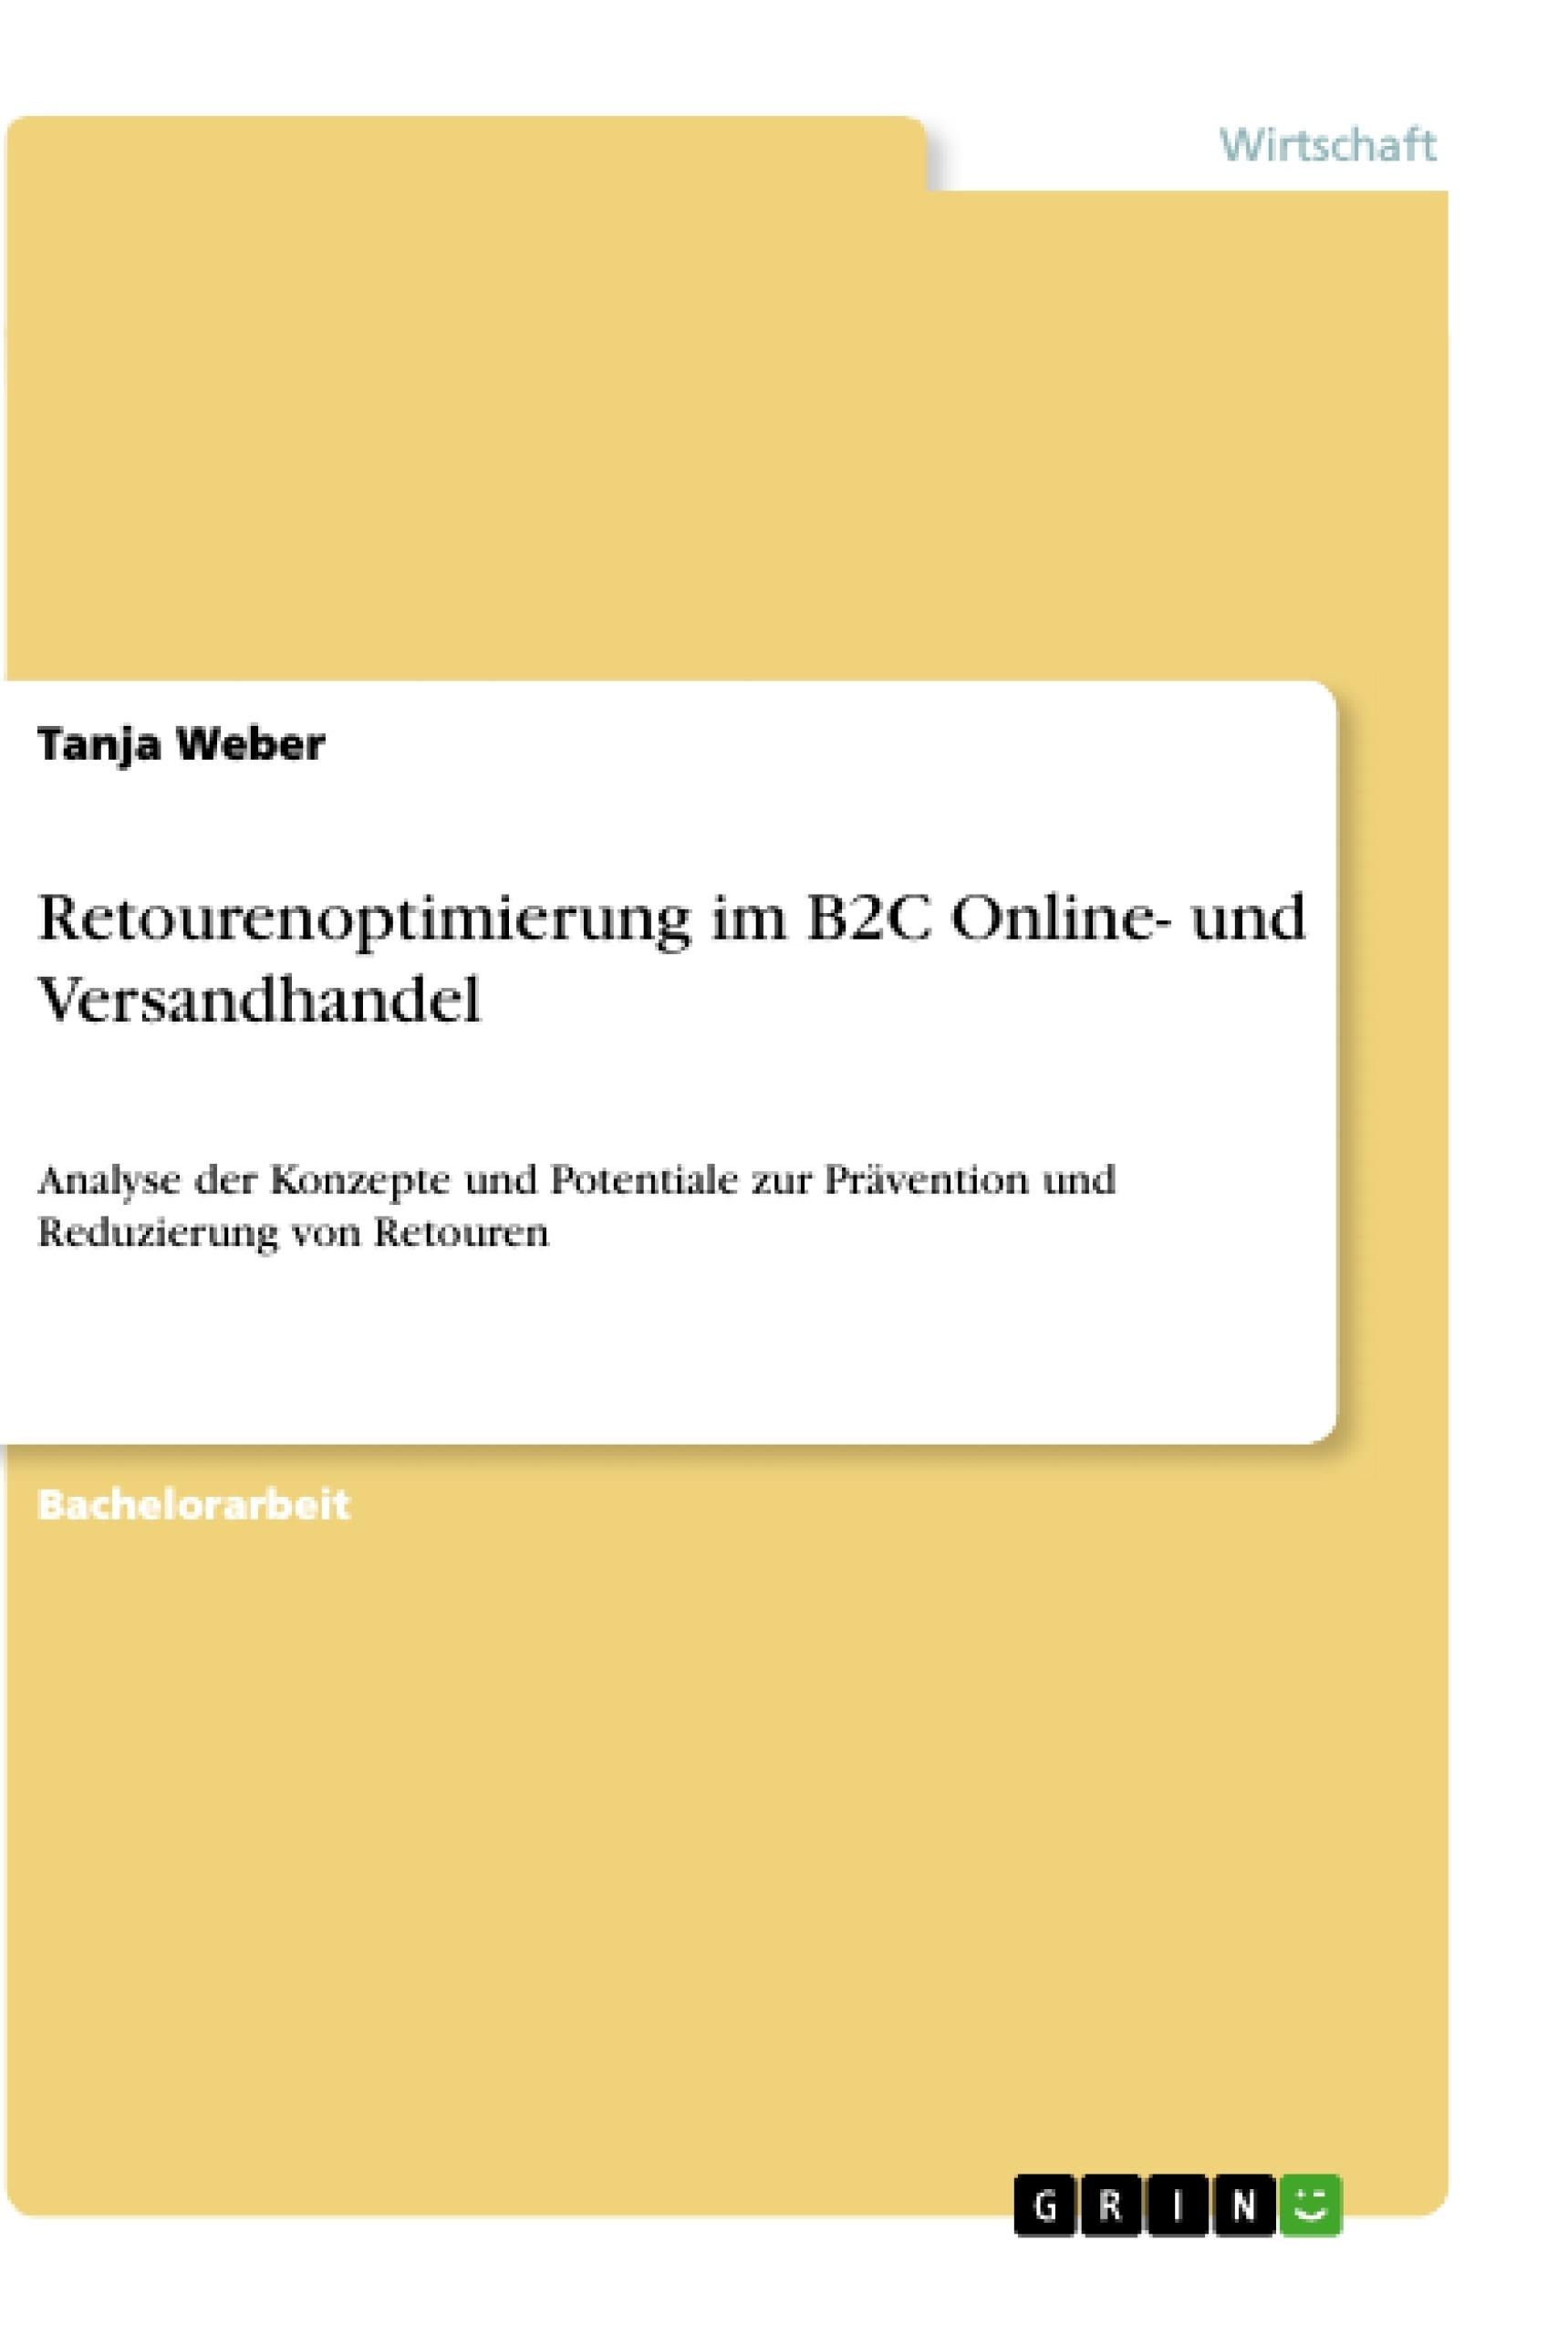 Titel: Retourenoptimierung im B2C Online- und Versandhandel